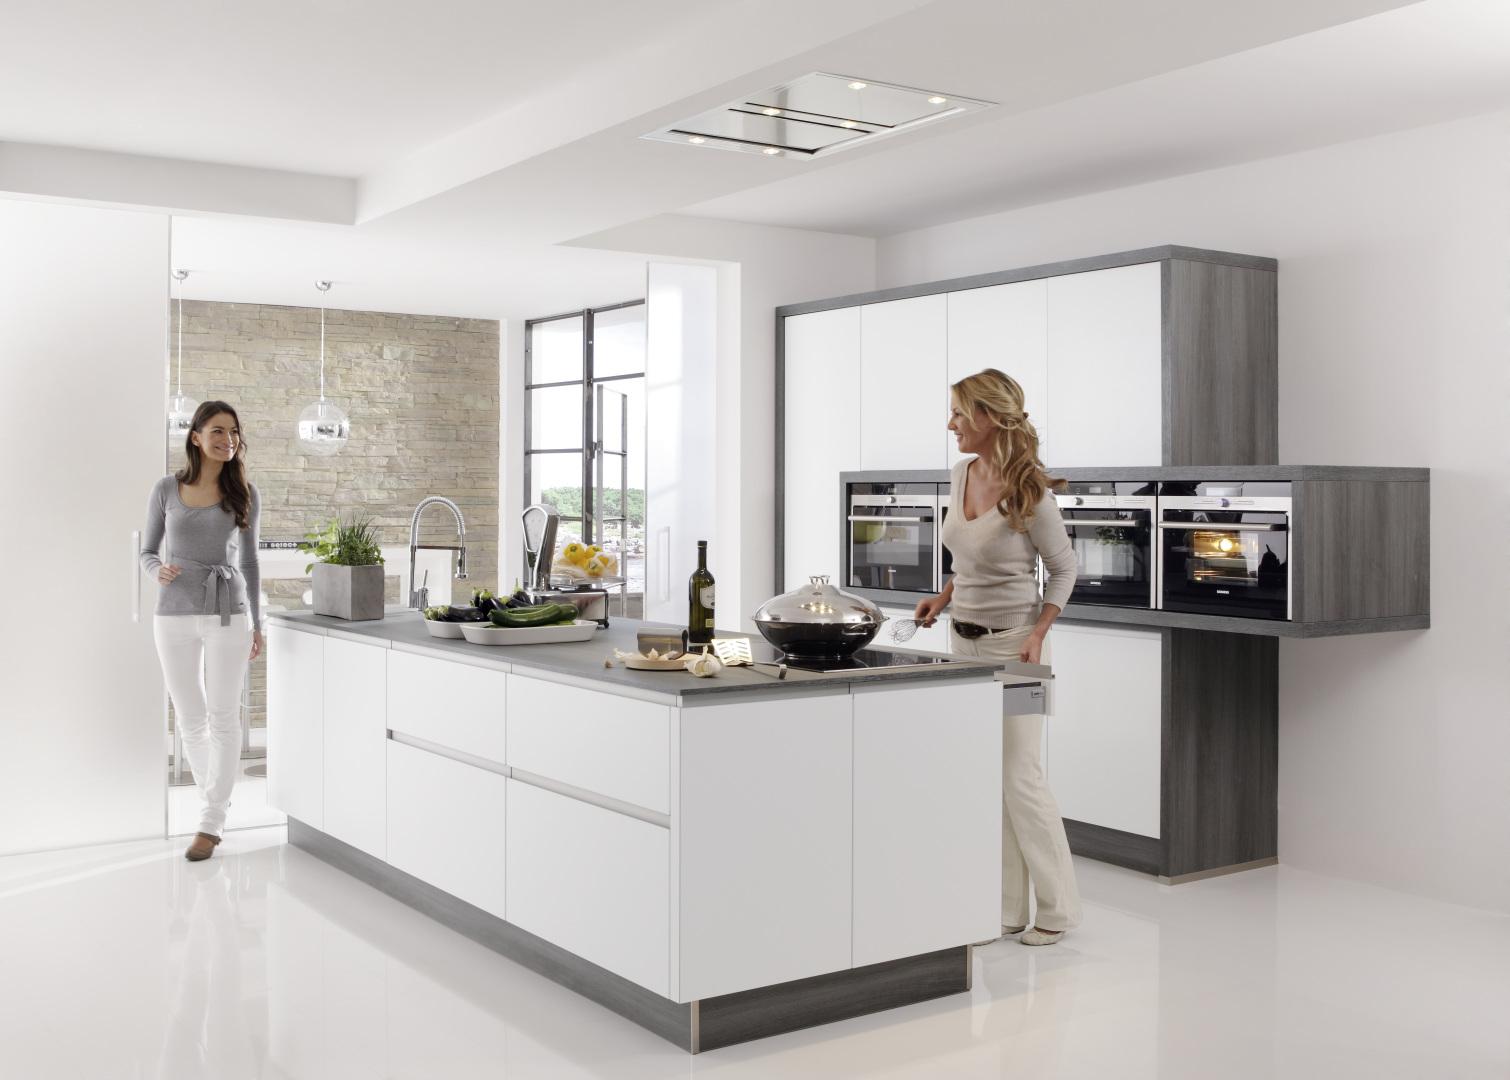 Moderne Keuken Lampen : Aquizien keukens advies rond keukenverlichting